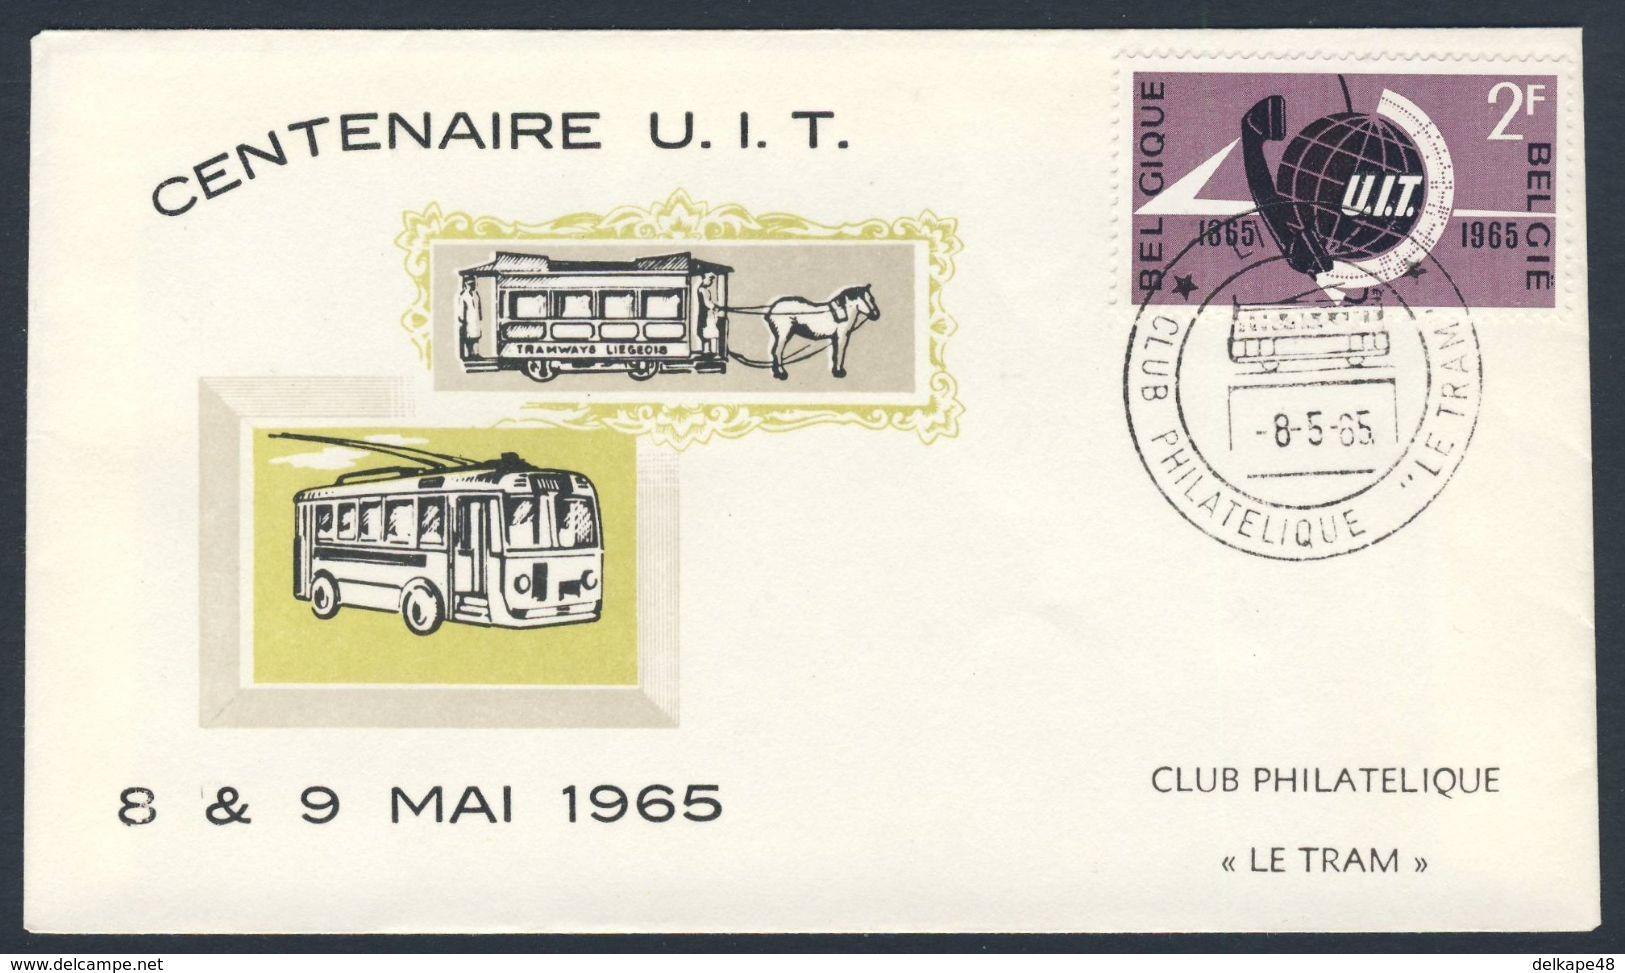 Belgie Belgique Belgium 1965 FDC + Mi 1390 YT 1333 - Cent. I.T.U. - Union Int. Des Télecommunications / Fernmeldeunion - Treinen